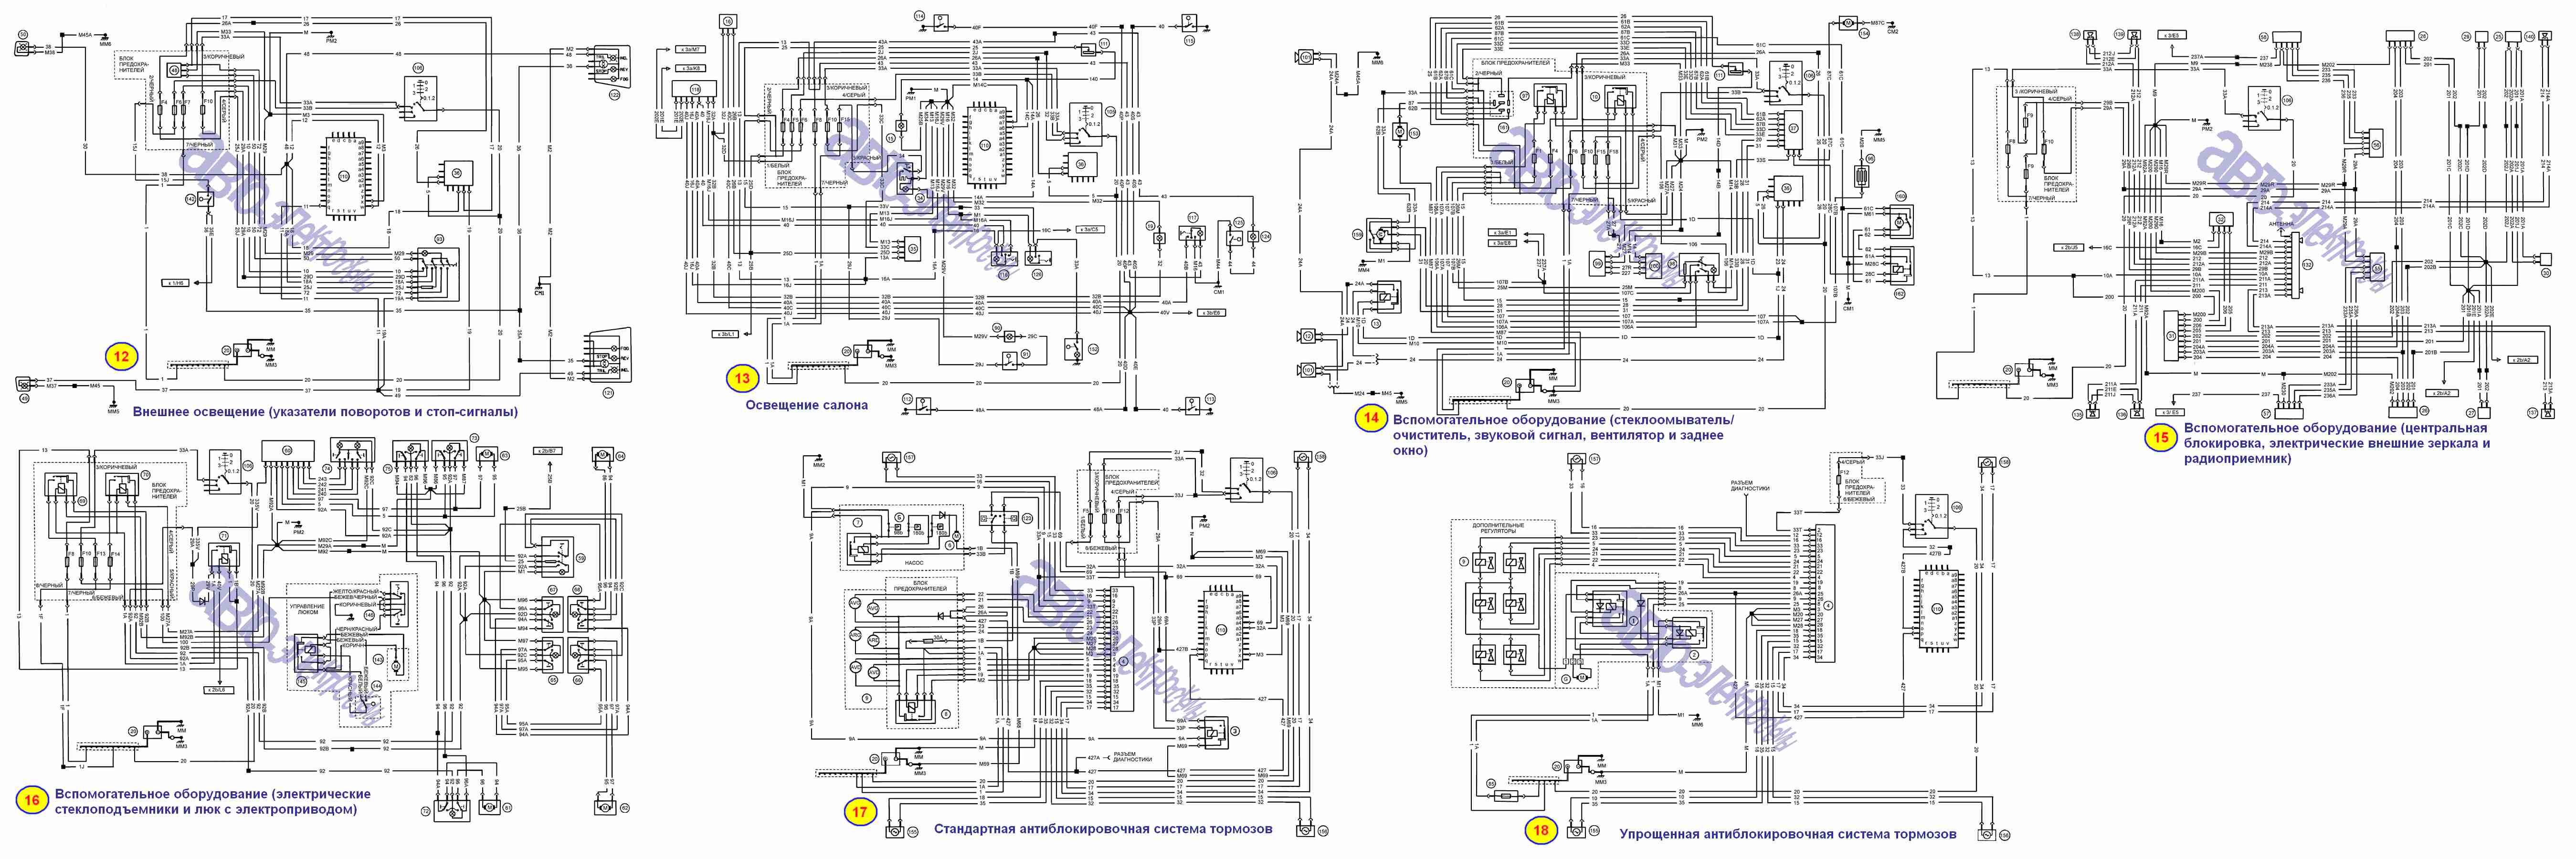 эл.схема подключения тахометра ситроен ксара 98г.